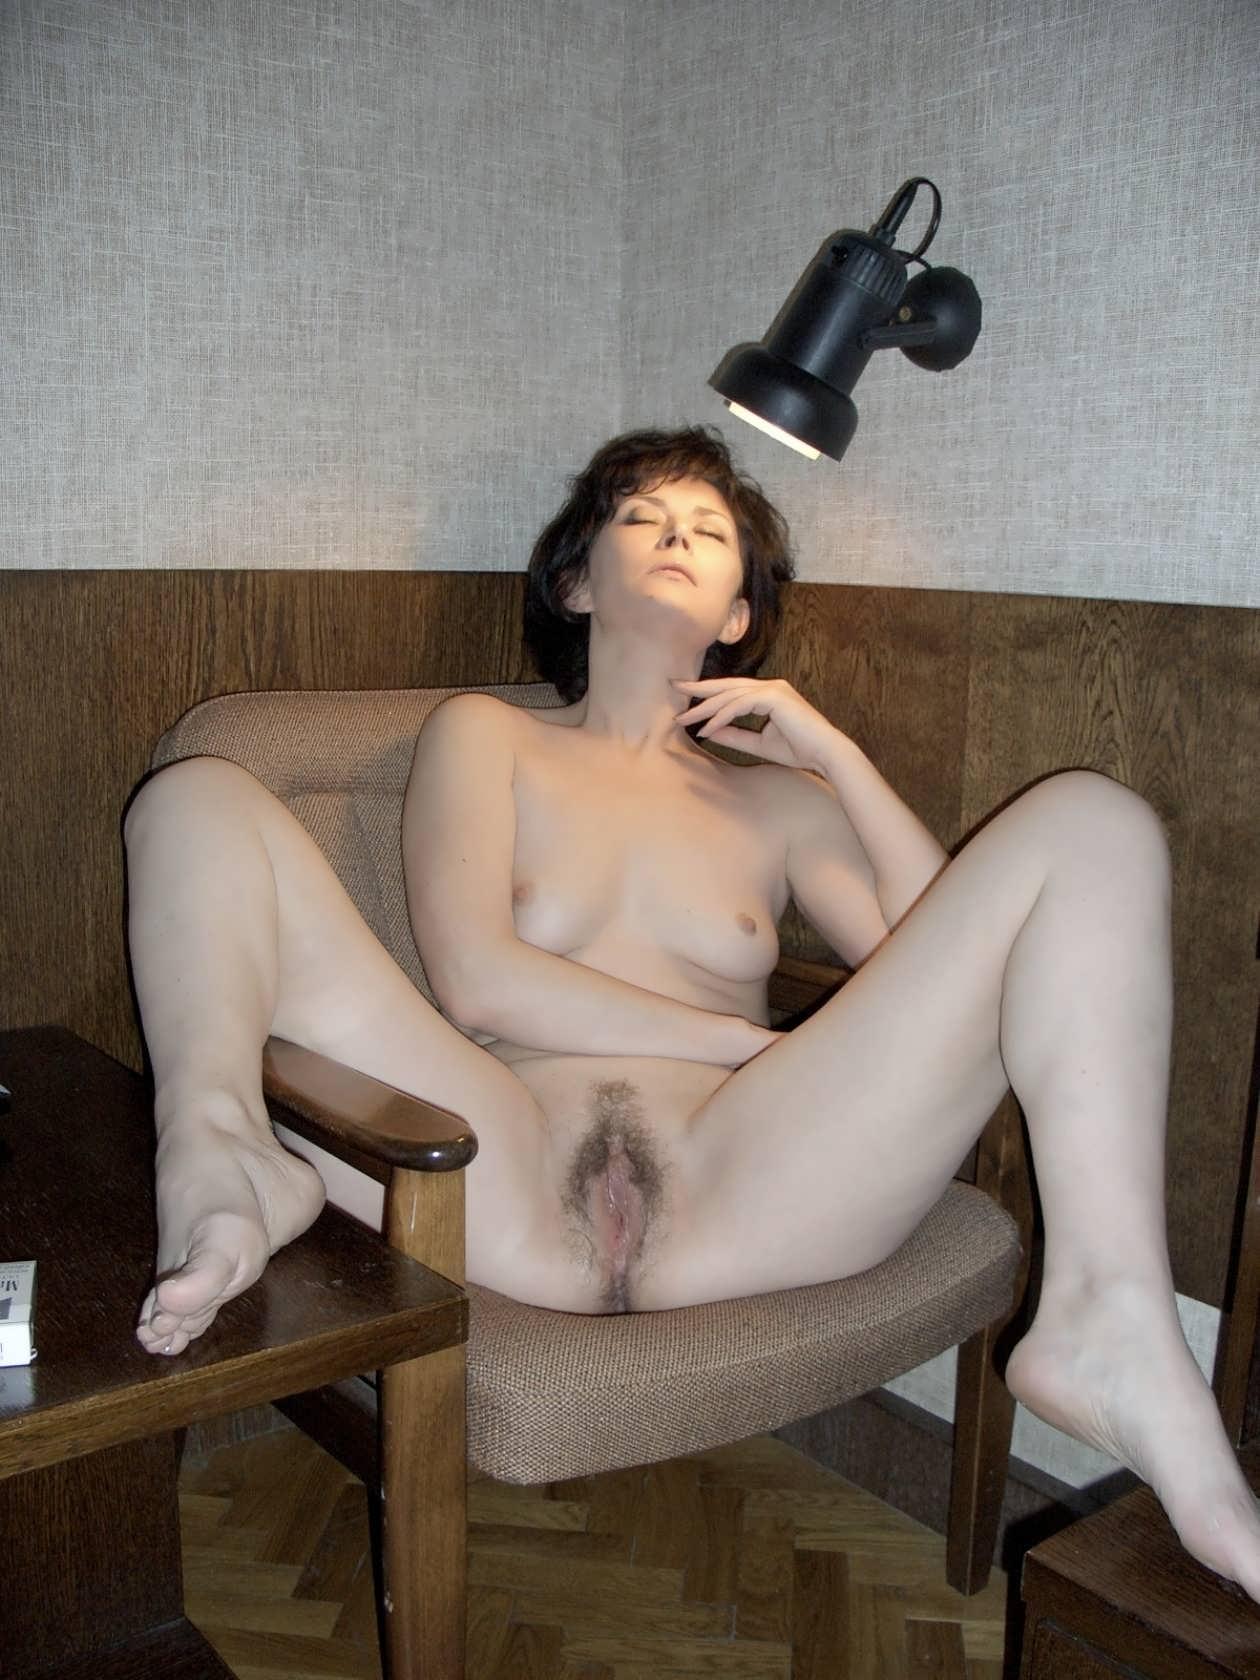 Русское порно фото дам бальзаковского возраста 20 фотография